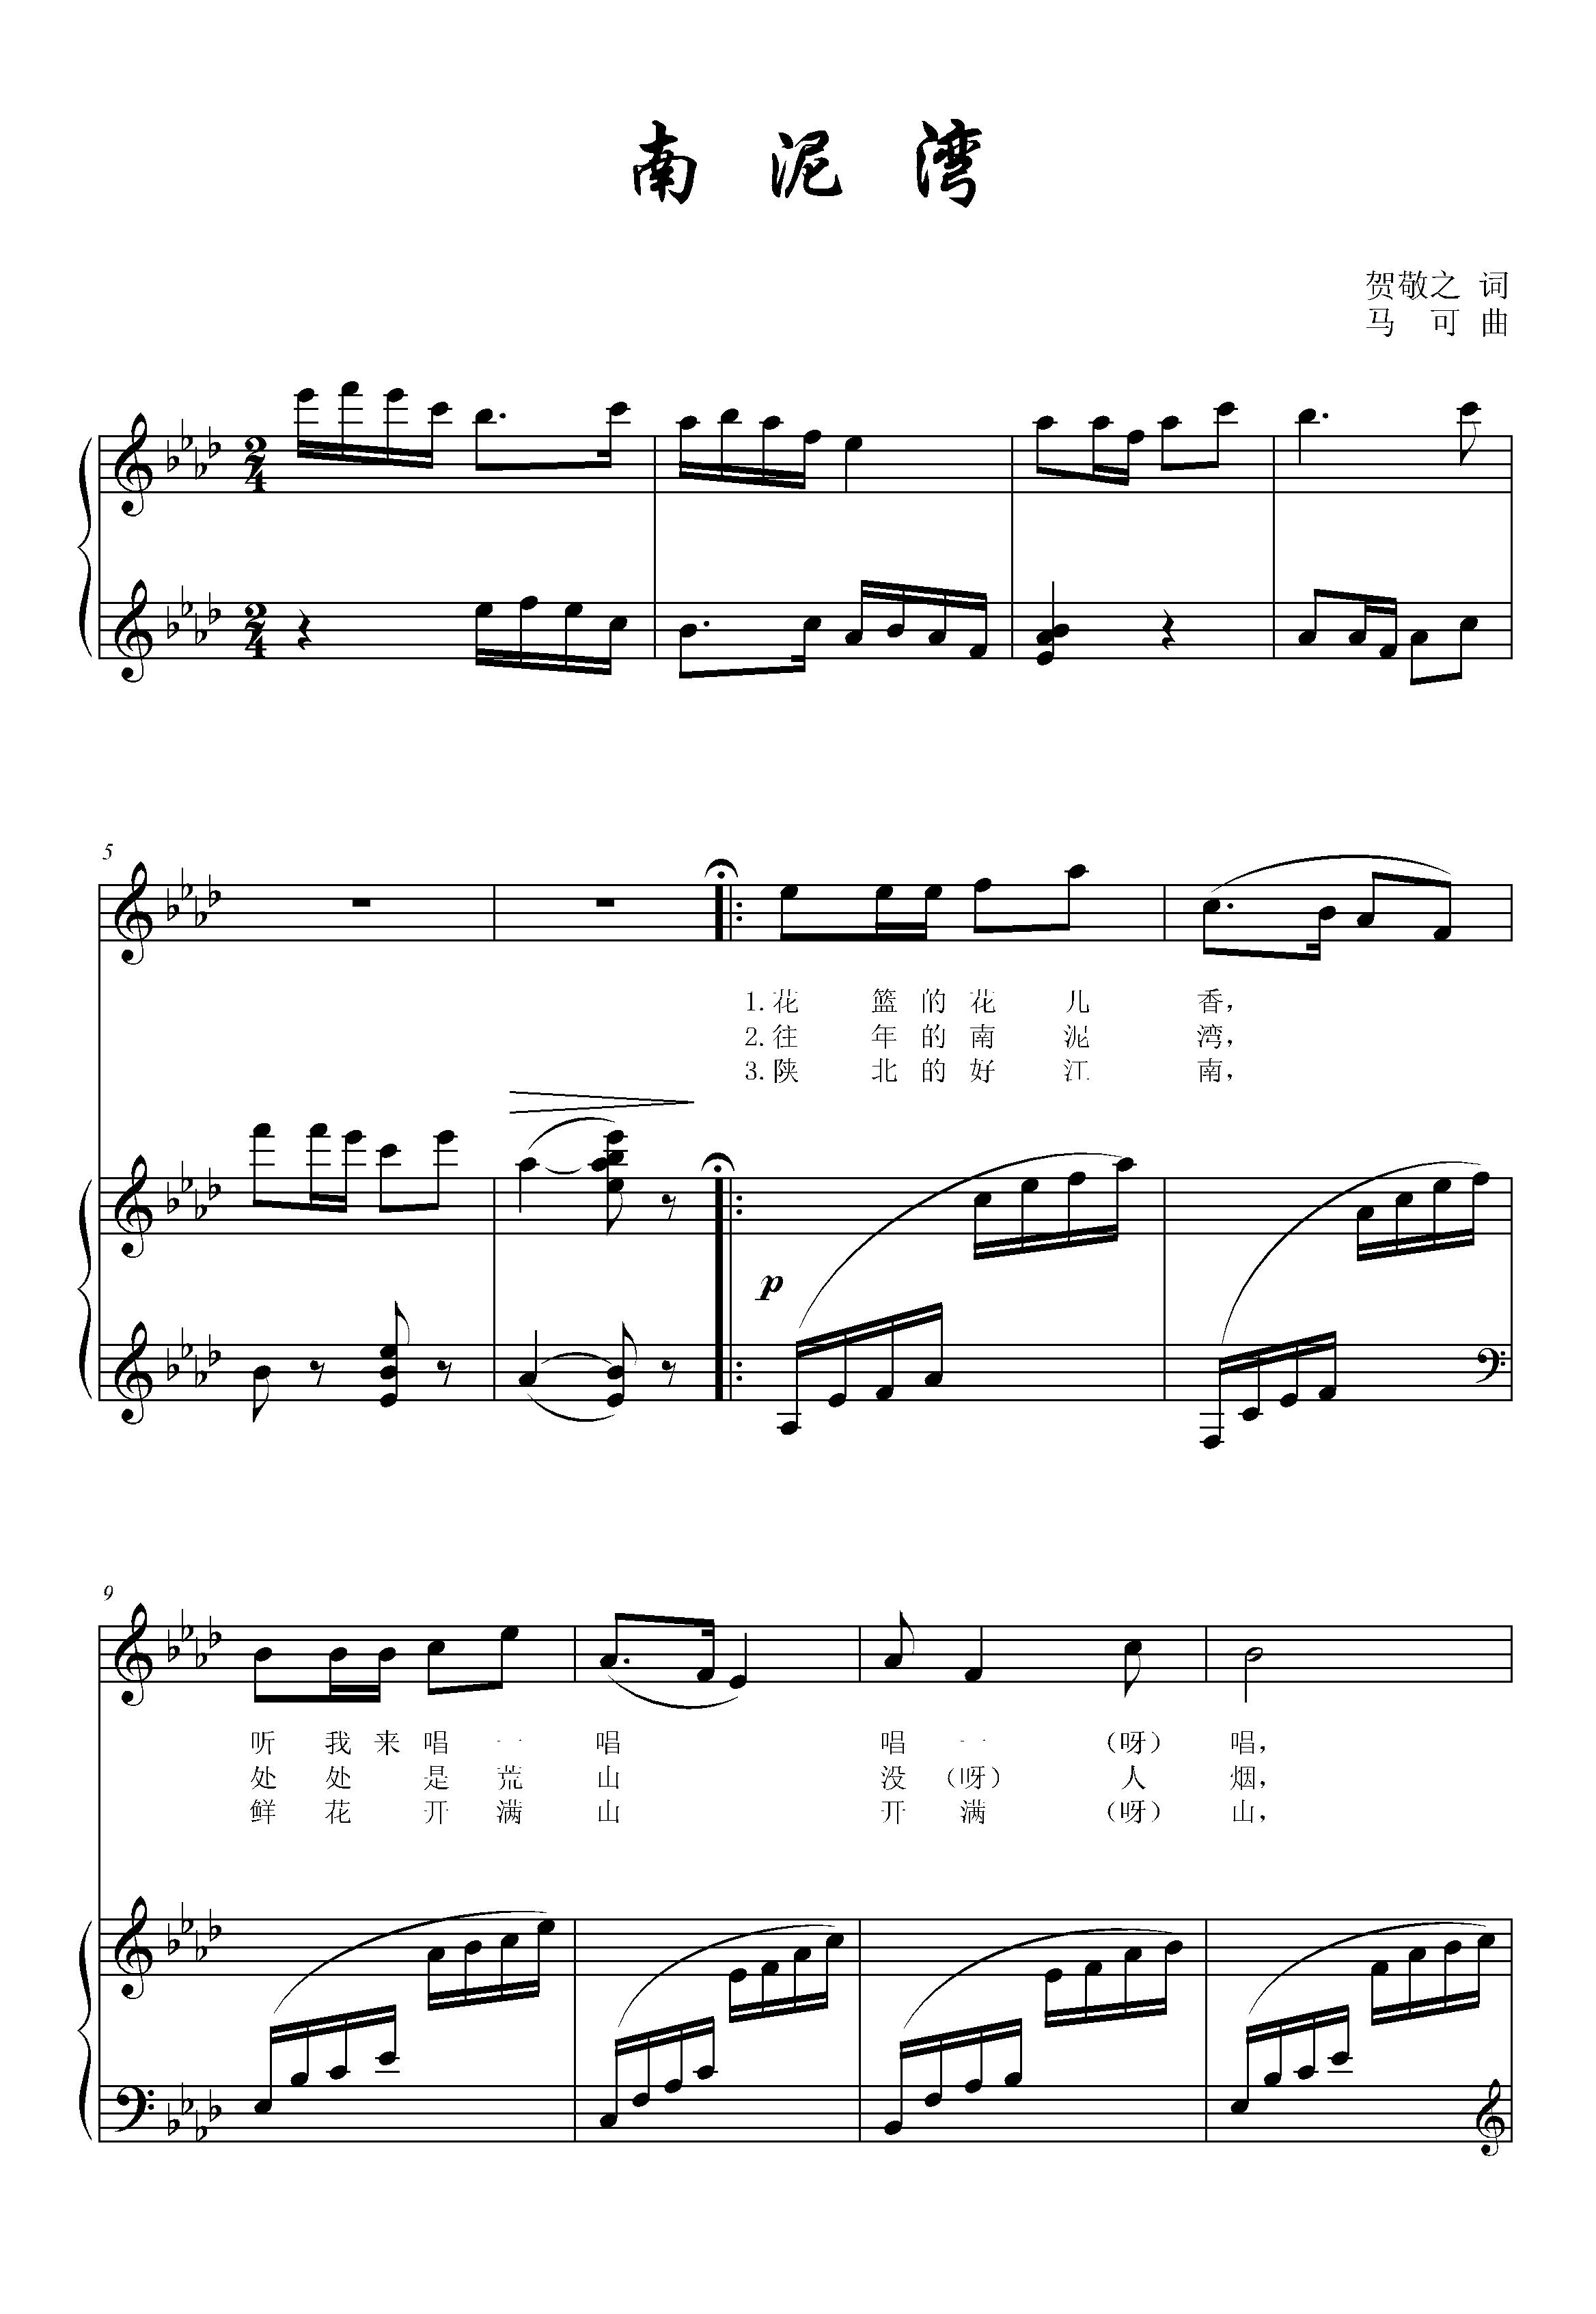 南泥湾钢琴伴奏谱 降A调 正谱 高清 可移调 声乐